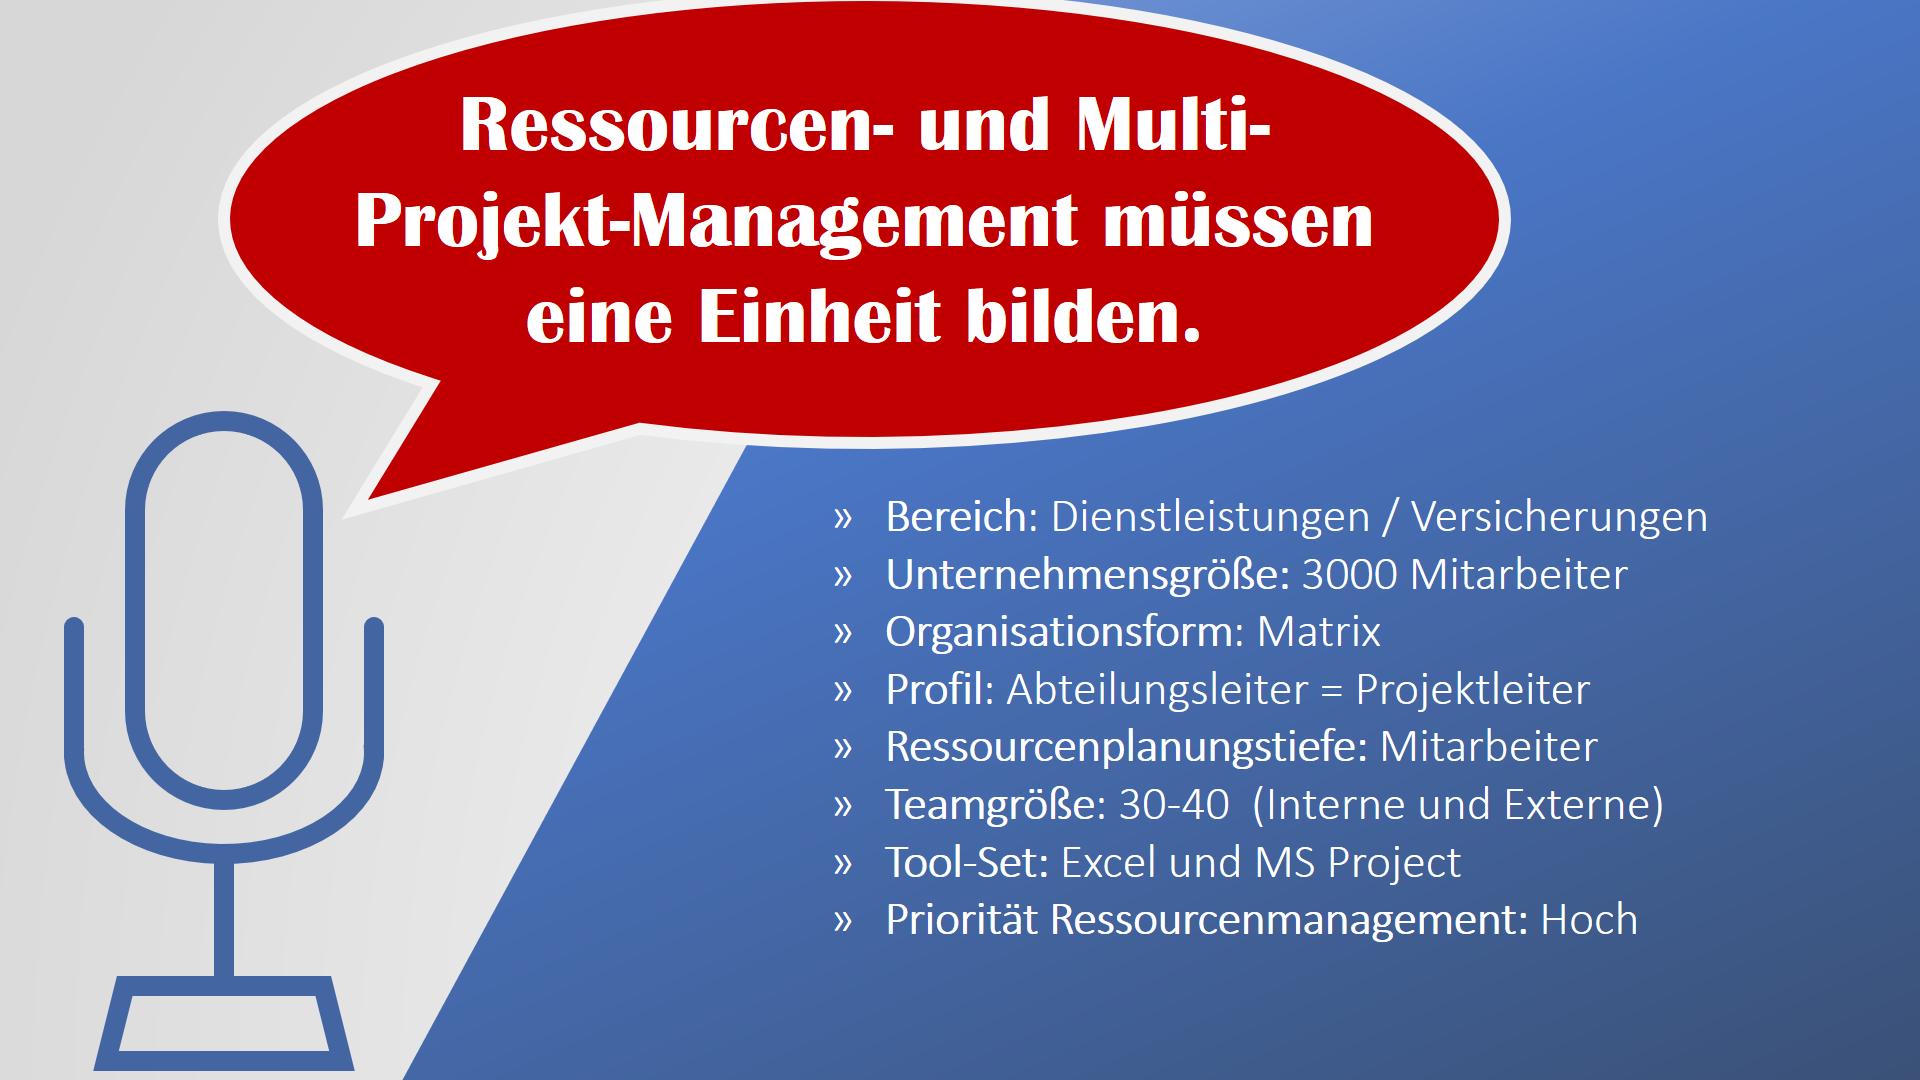 Ressourcenmanagement in Projekten 2